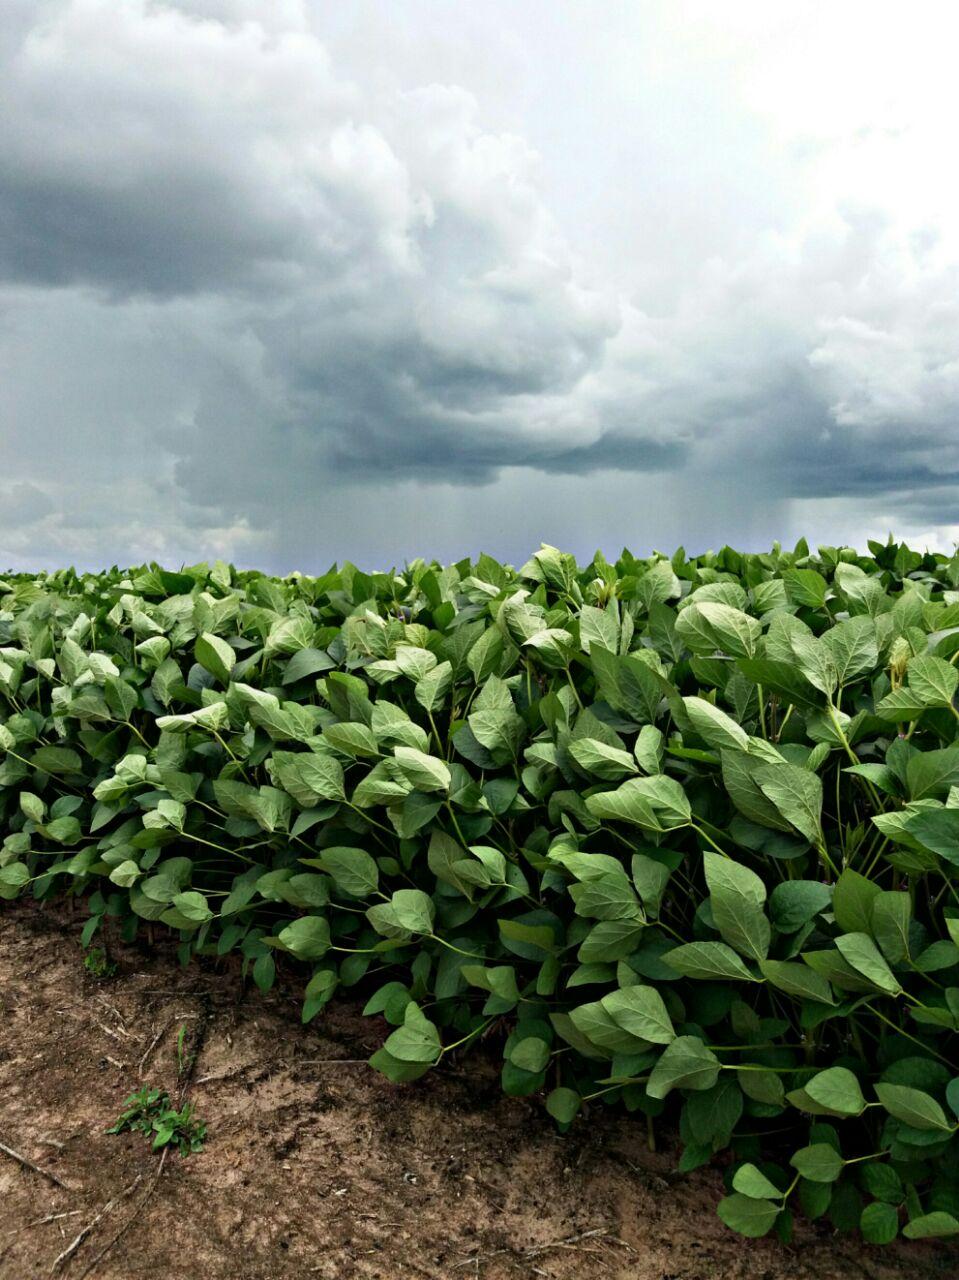 La Ninã colaborando para uma ótima safra de soja em São Desidério (BA). Envio do Eng. Agrônomo Thiago Palma